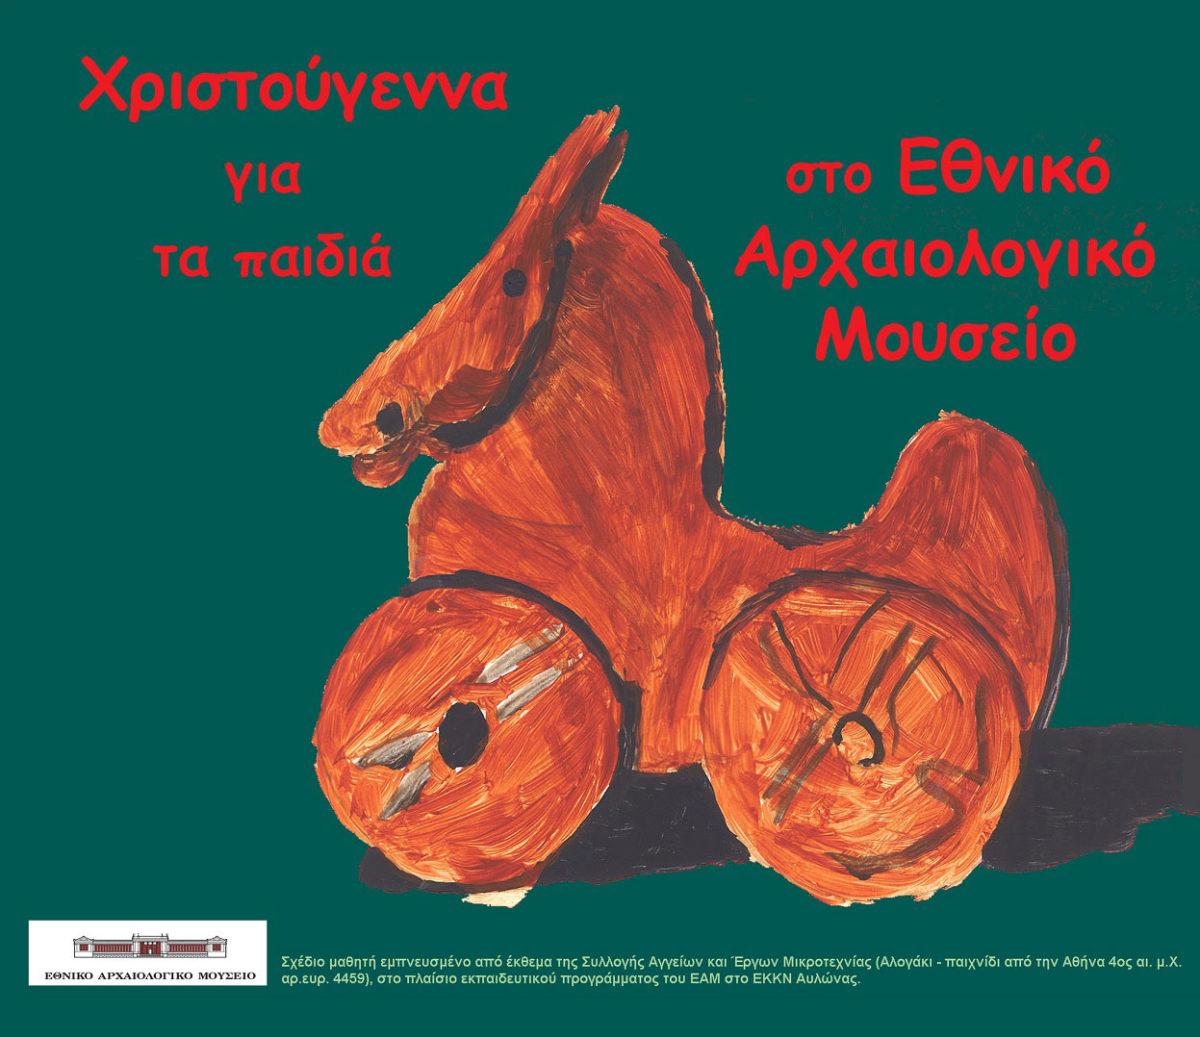 Αφίσα με θέμα το χριστουγεννιάτικο εκπαιδευτικό πρόγραμμα «Παίζοντας με τον τρόπο των αρχαίων» (© TAΠΑ/Εθνικό Αρχαιολογικό Μουσείο).